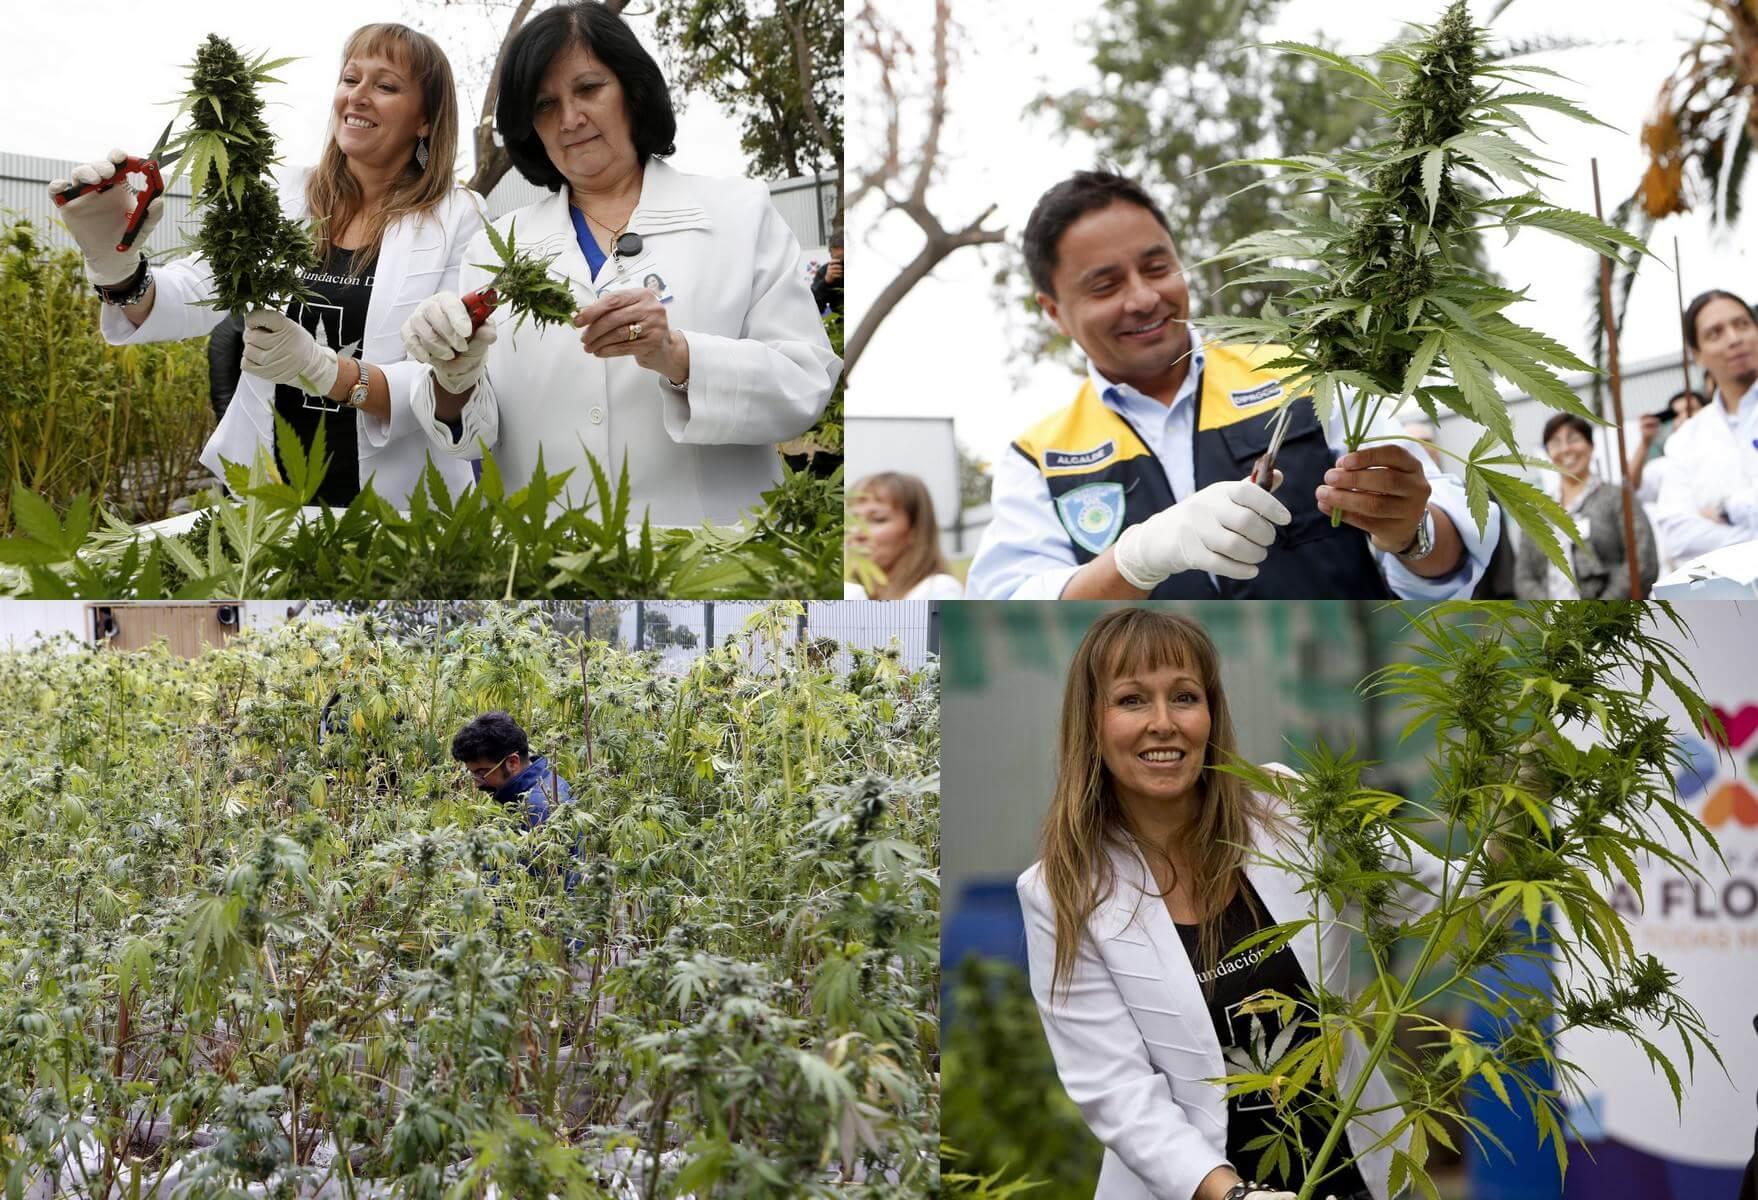 Primer cultivo medicinal por parte del estado en Chile